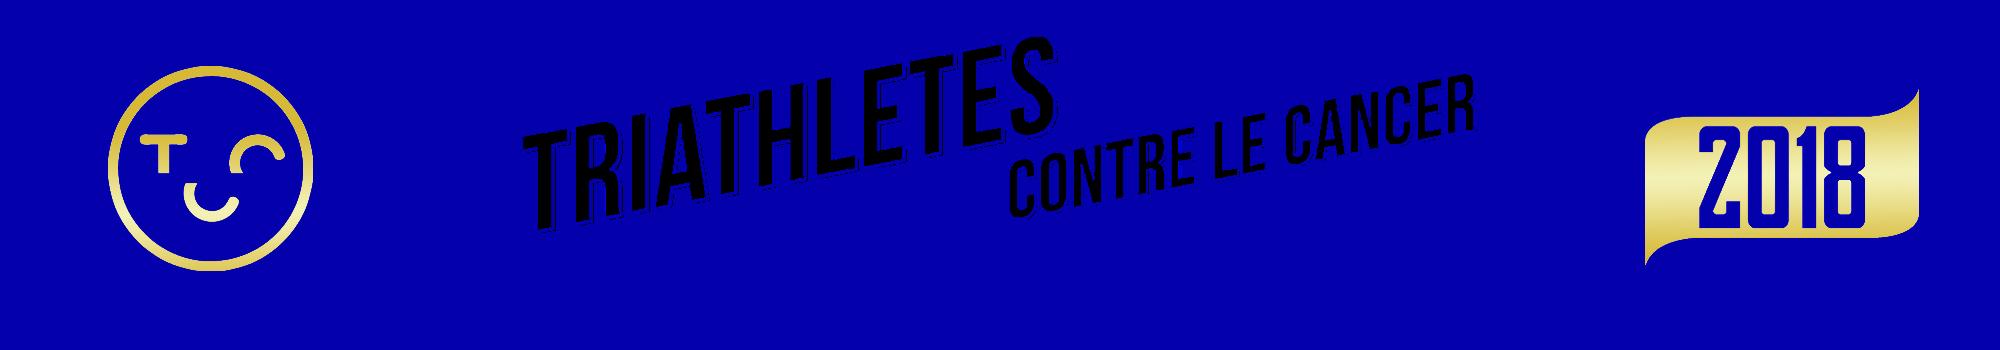 Cagnotte annuelle de Adrien Mazingue - Triathletes contre le Cancer